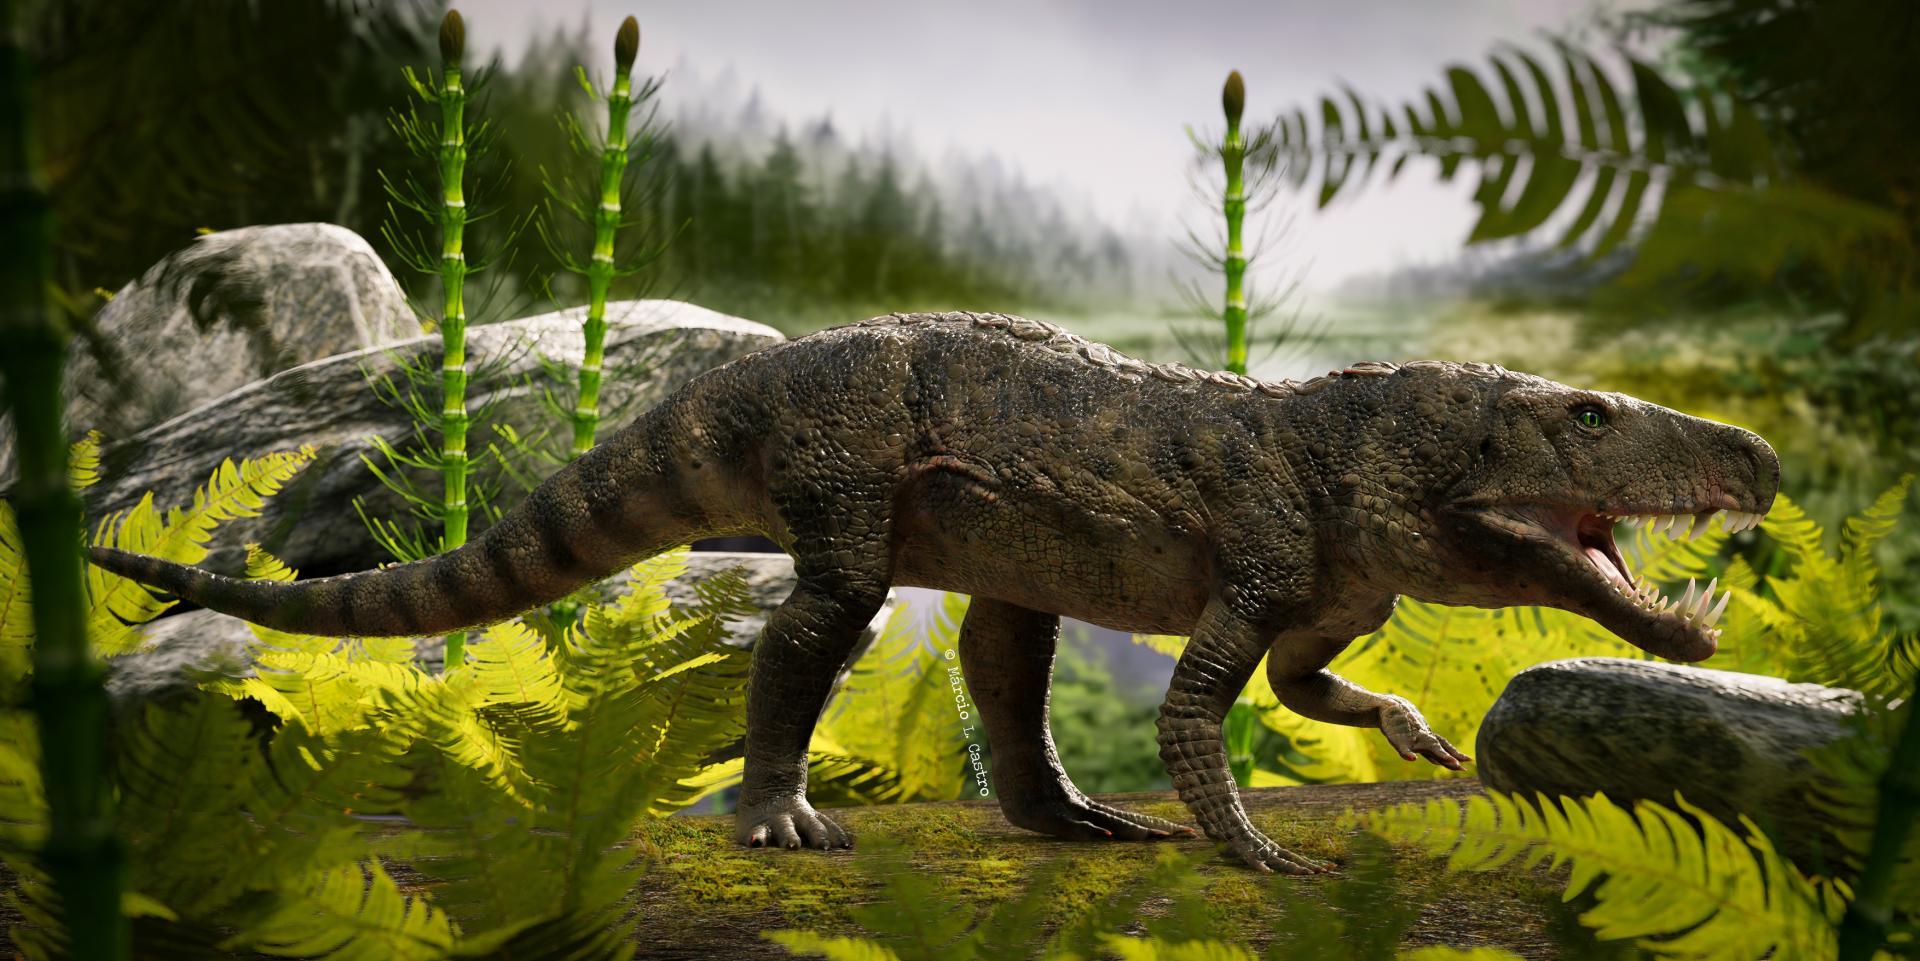 Foto colorida horizontal simula uma paisagem de floresta triássica, com vários tons de verde, e a reprodução do animal à frente, de boca aberta, dentes grandes e cauda